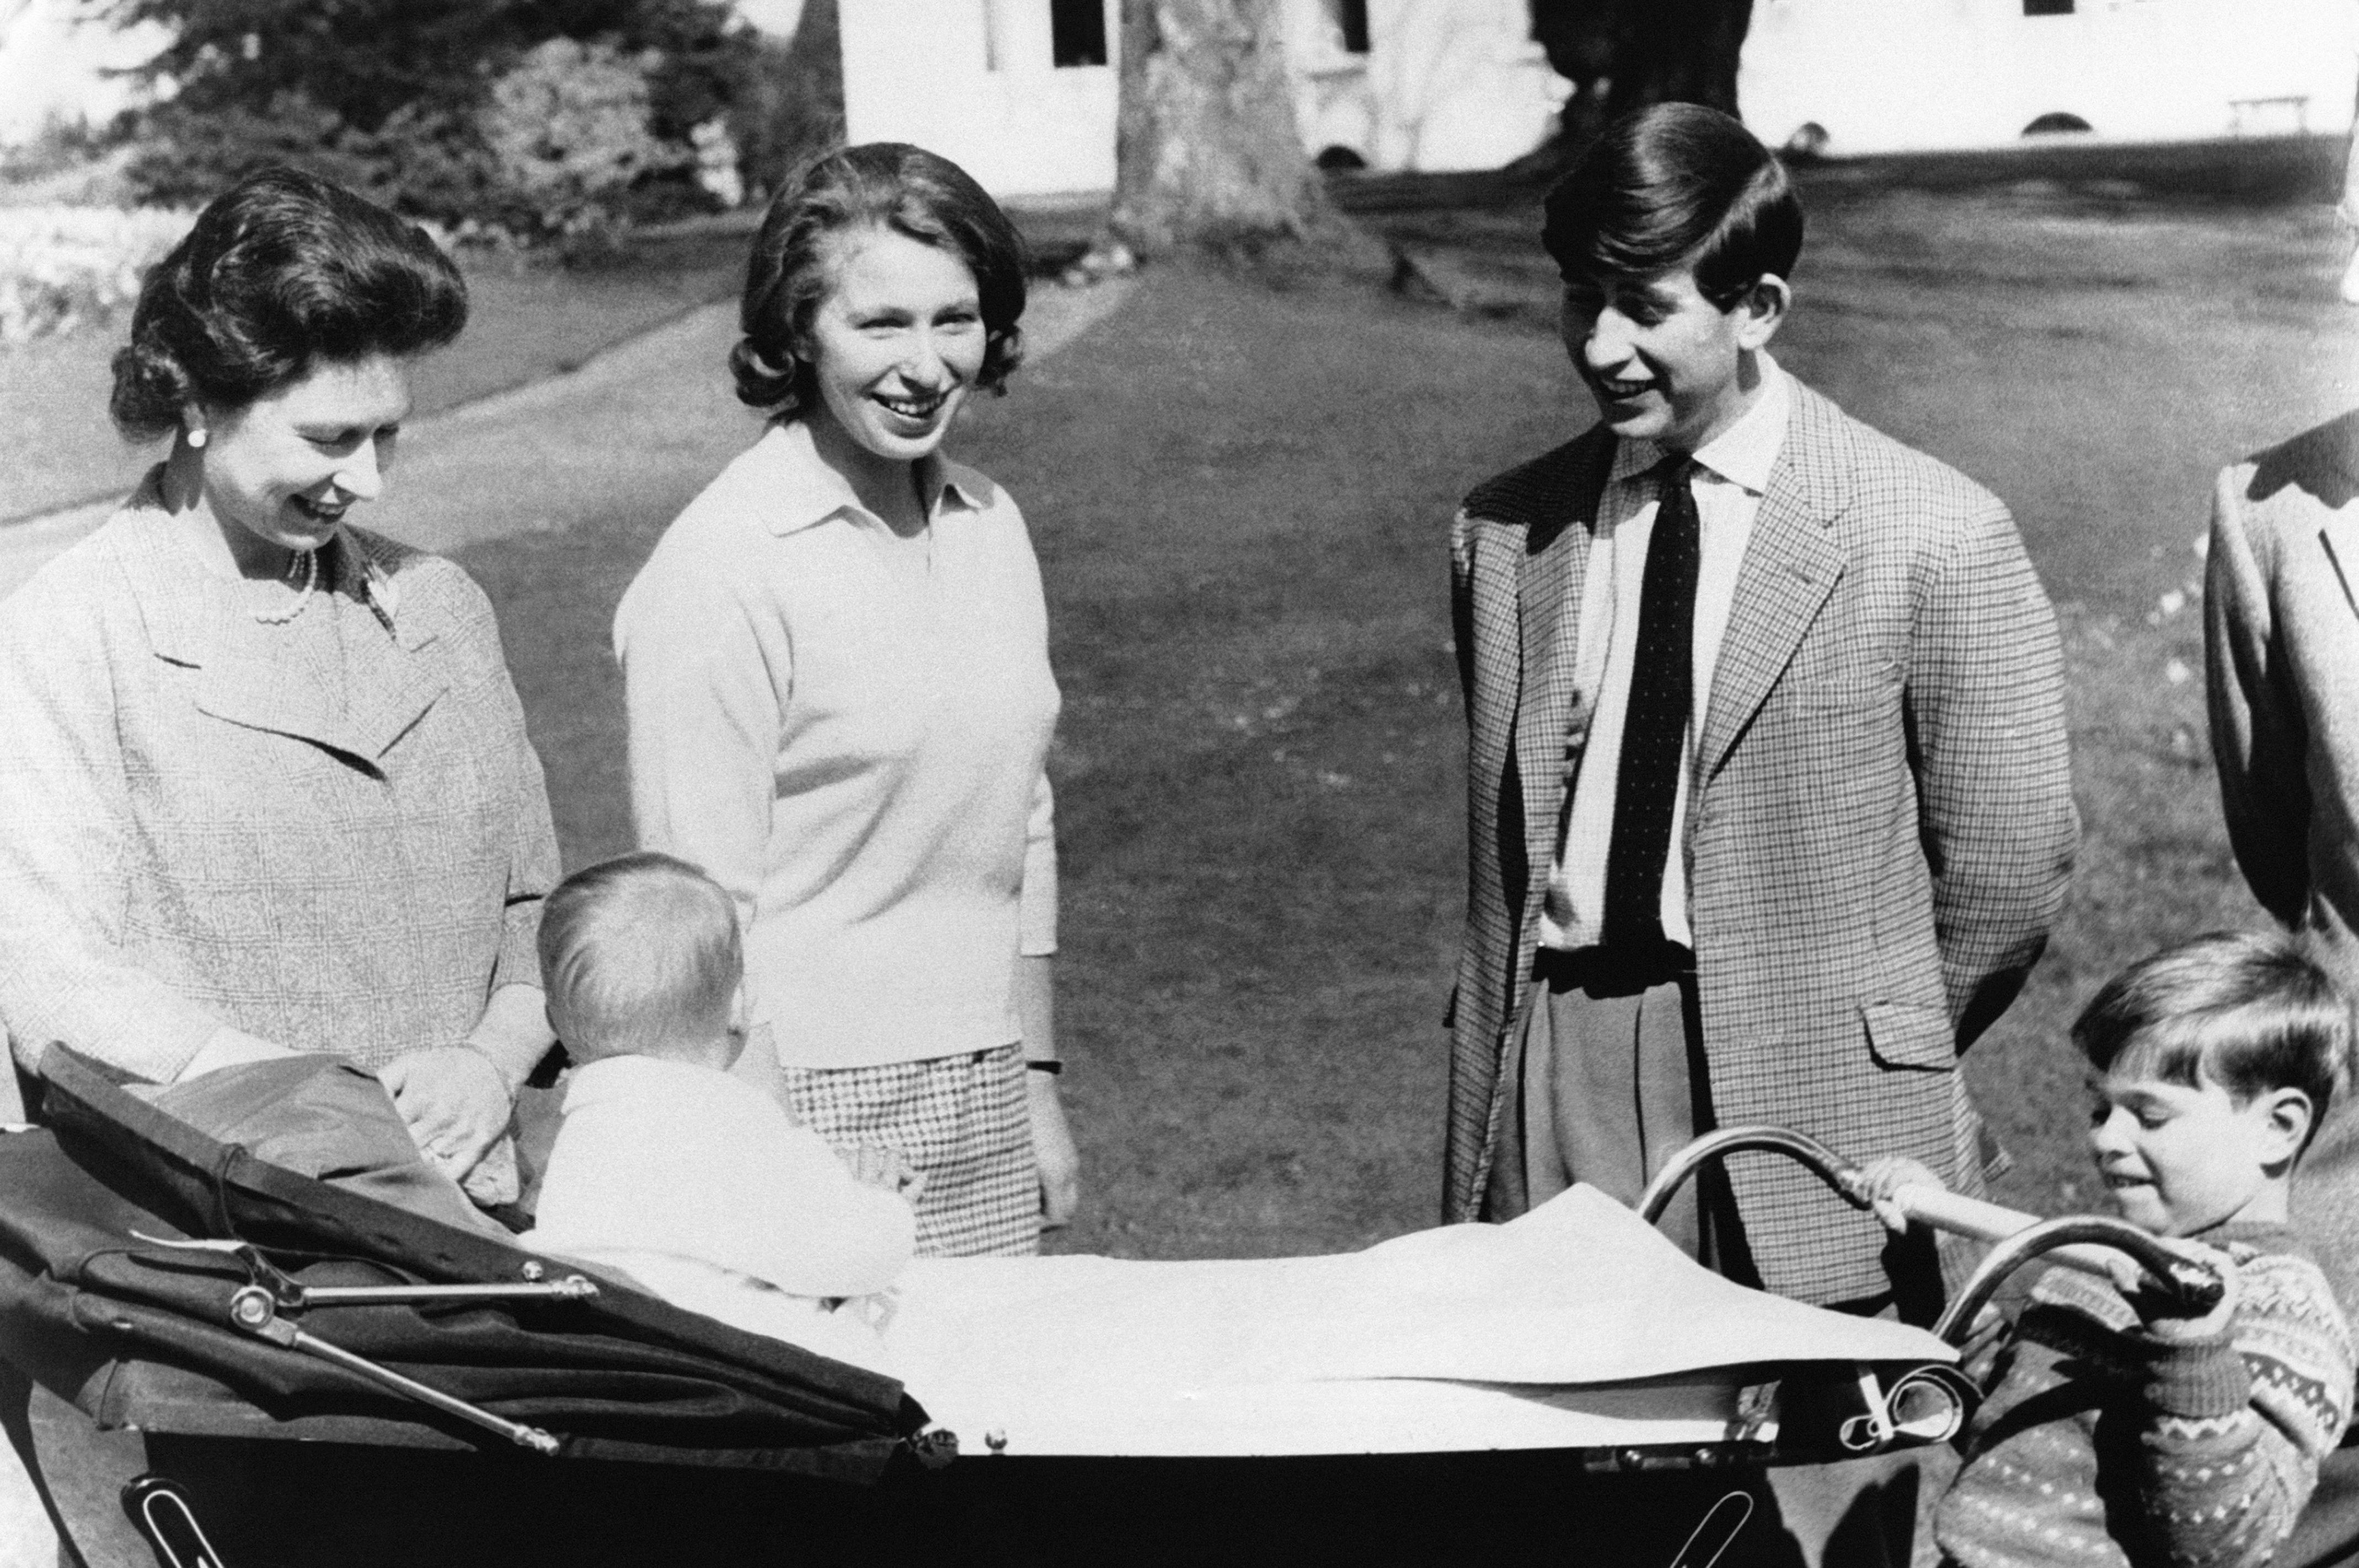 La Reine Elizabeth II à Frogmore, dans le parc du château de Windsor, en compagnie de ses quatre enfants la Princesse Anne et le Prince Charles, et letout jeune Prince Andrew tenant le landau de son petit frère, le bébé Prince Edward, le 19 avril 1965 à Windsor, Royaume-Uni.  (Photo by Keystone-France\Gamma-Rapho via Getty Images)